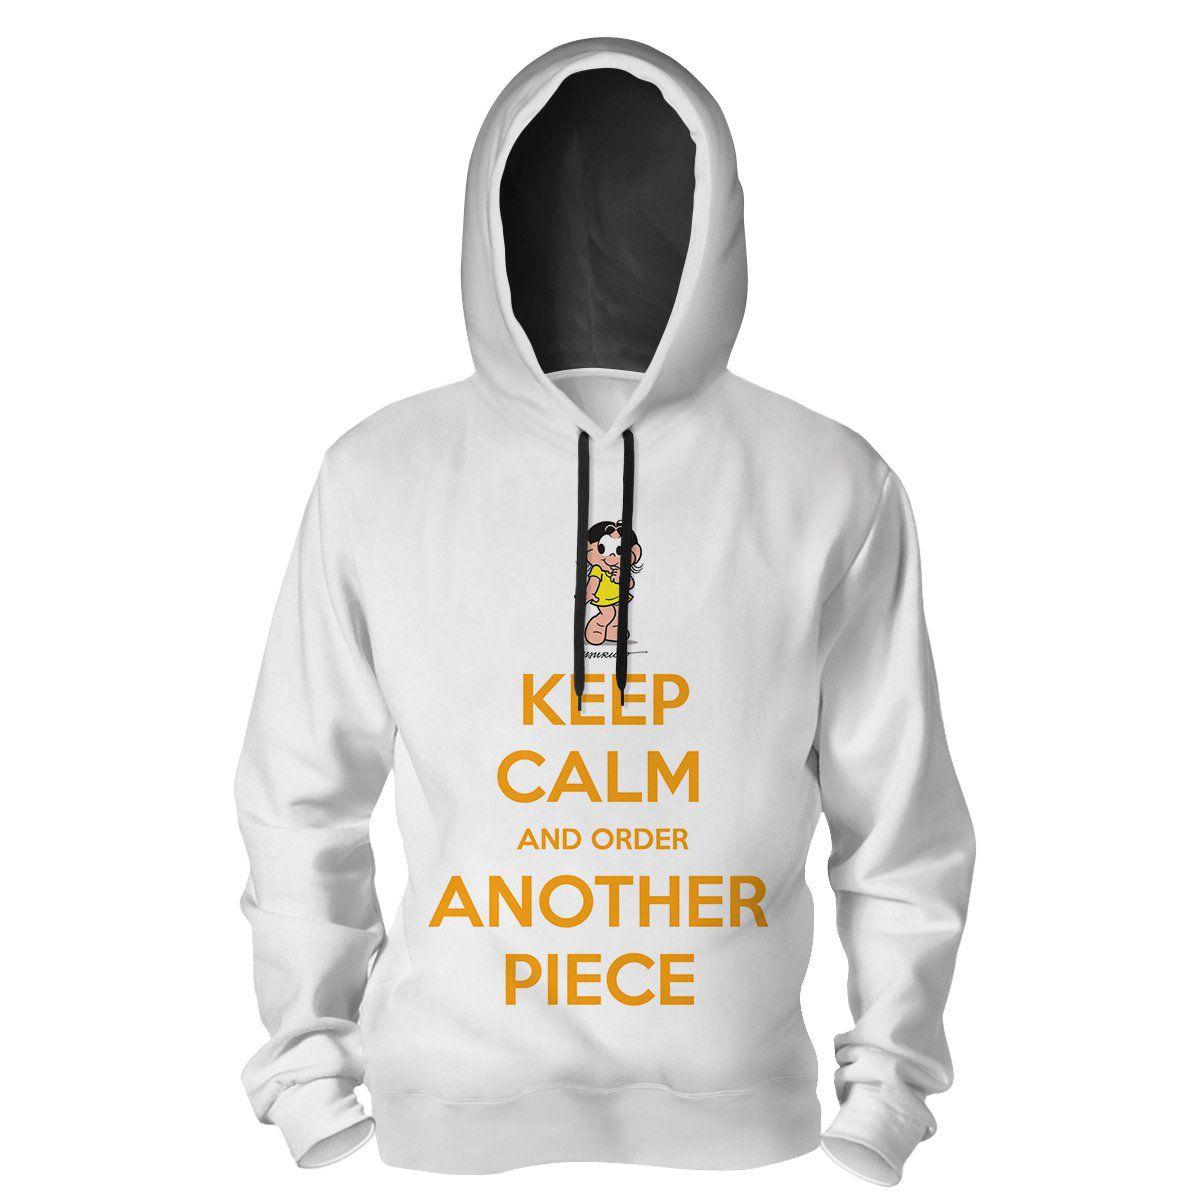 Moletom Turma da Mônica Cool - Keep Calm And Order Another Piece